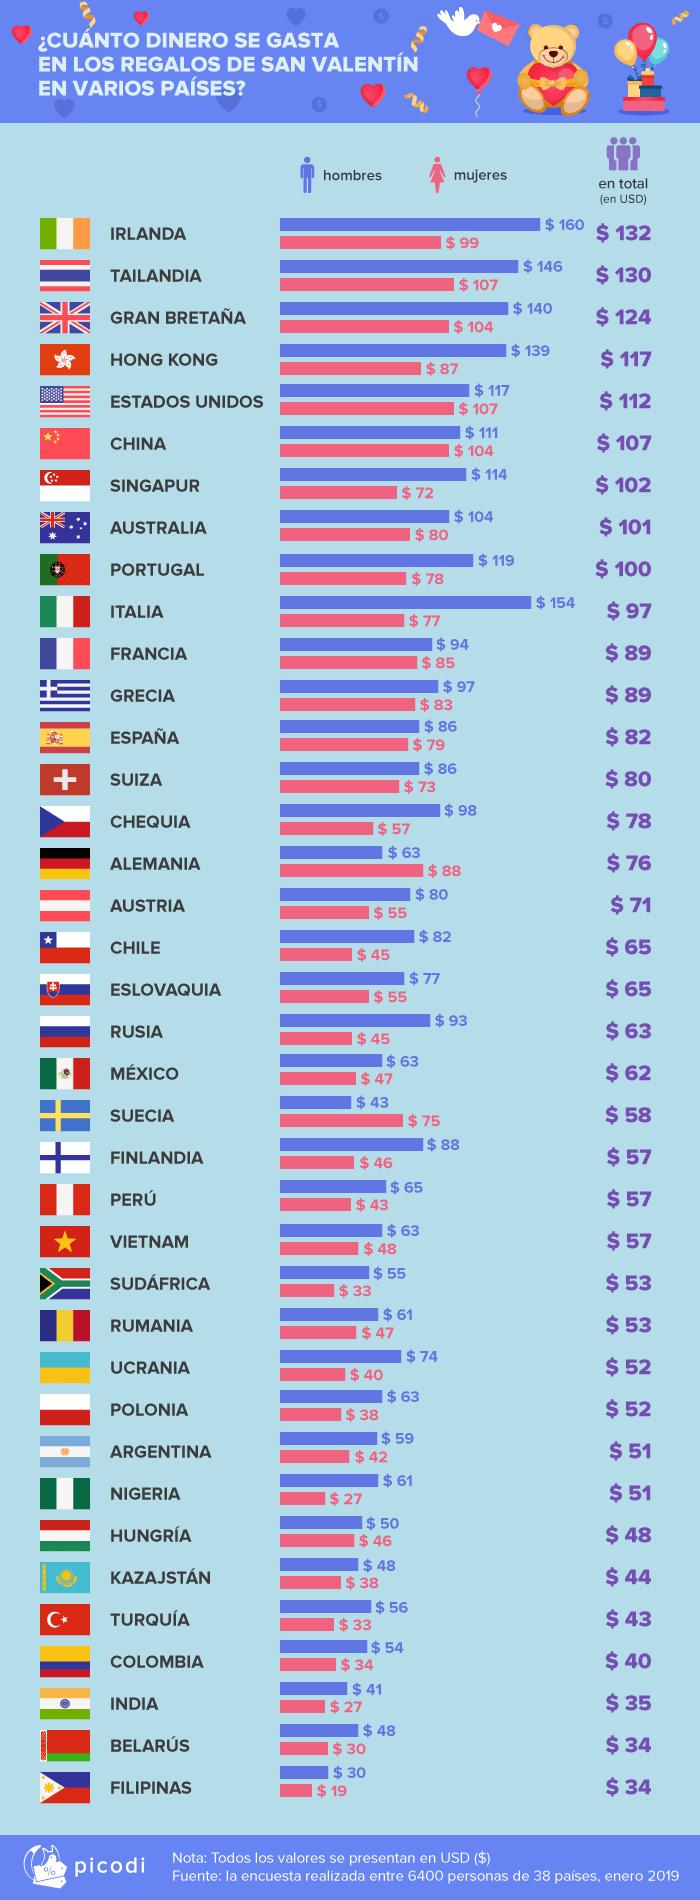 4 cuanto dinero se gasta en los regalos - Peruanos gastarían en promedio S/192 en regalos de San Valentín